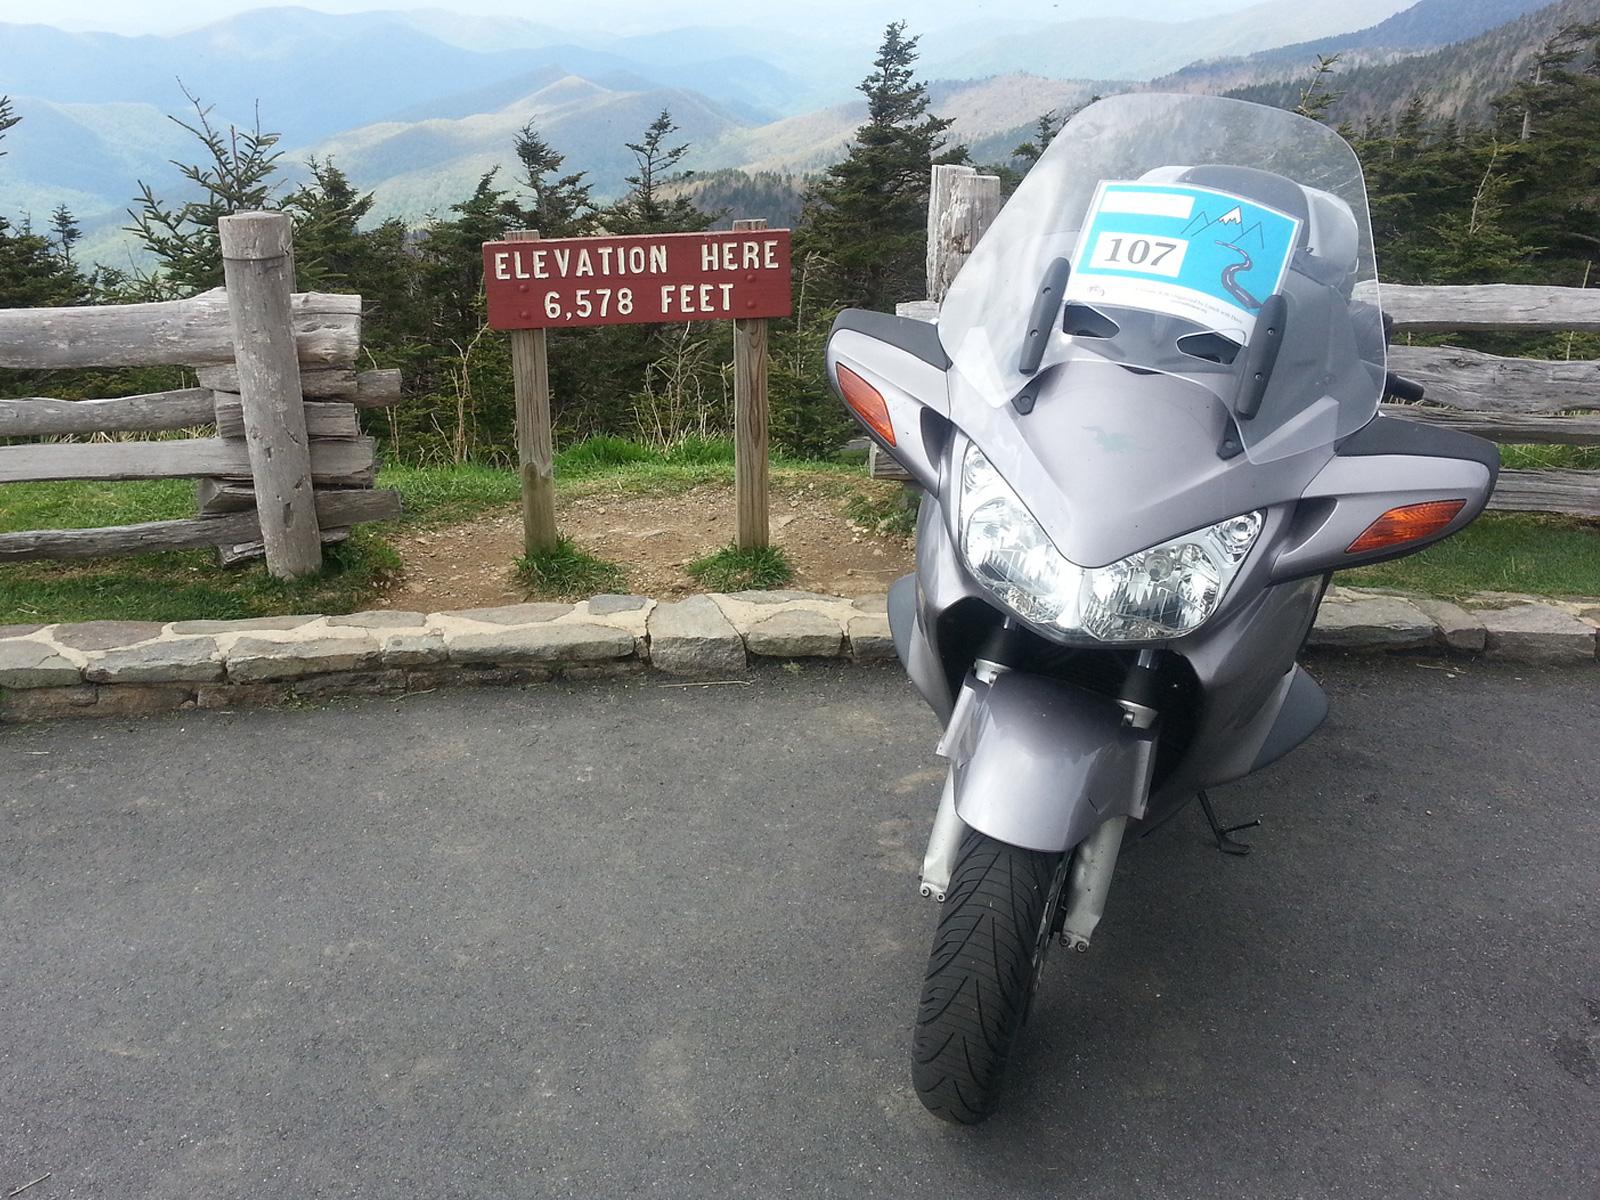 本田honda st1300摩托车图片